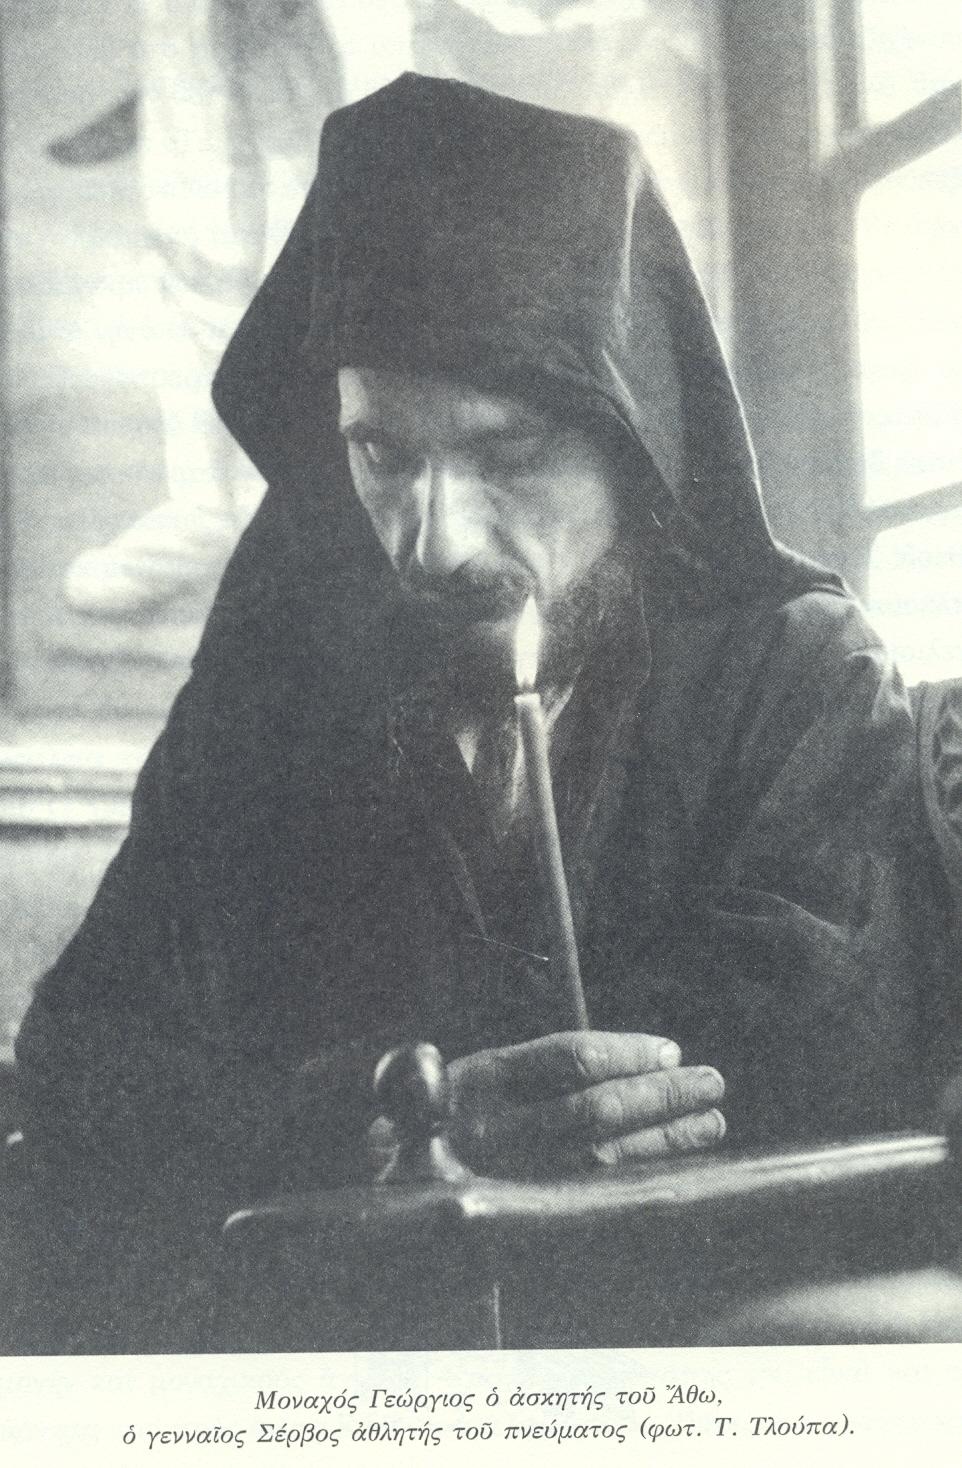 Αποτέλεσμα εικόνας για Μοναχός Γεώργιος, ο Ερημίτης του Άθω